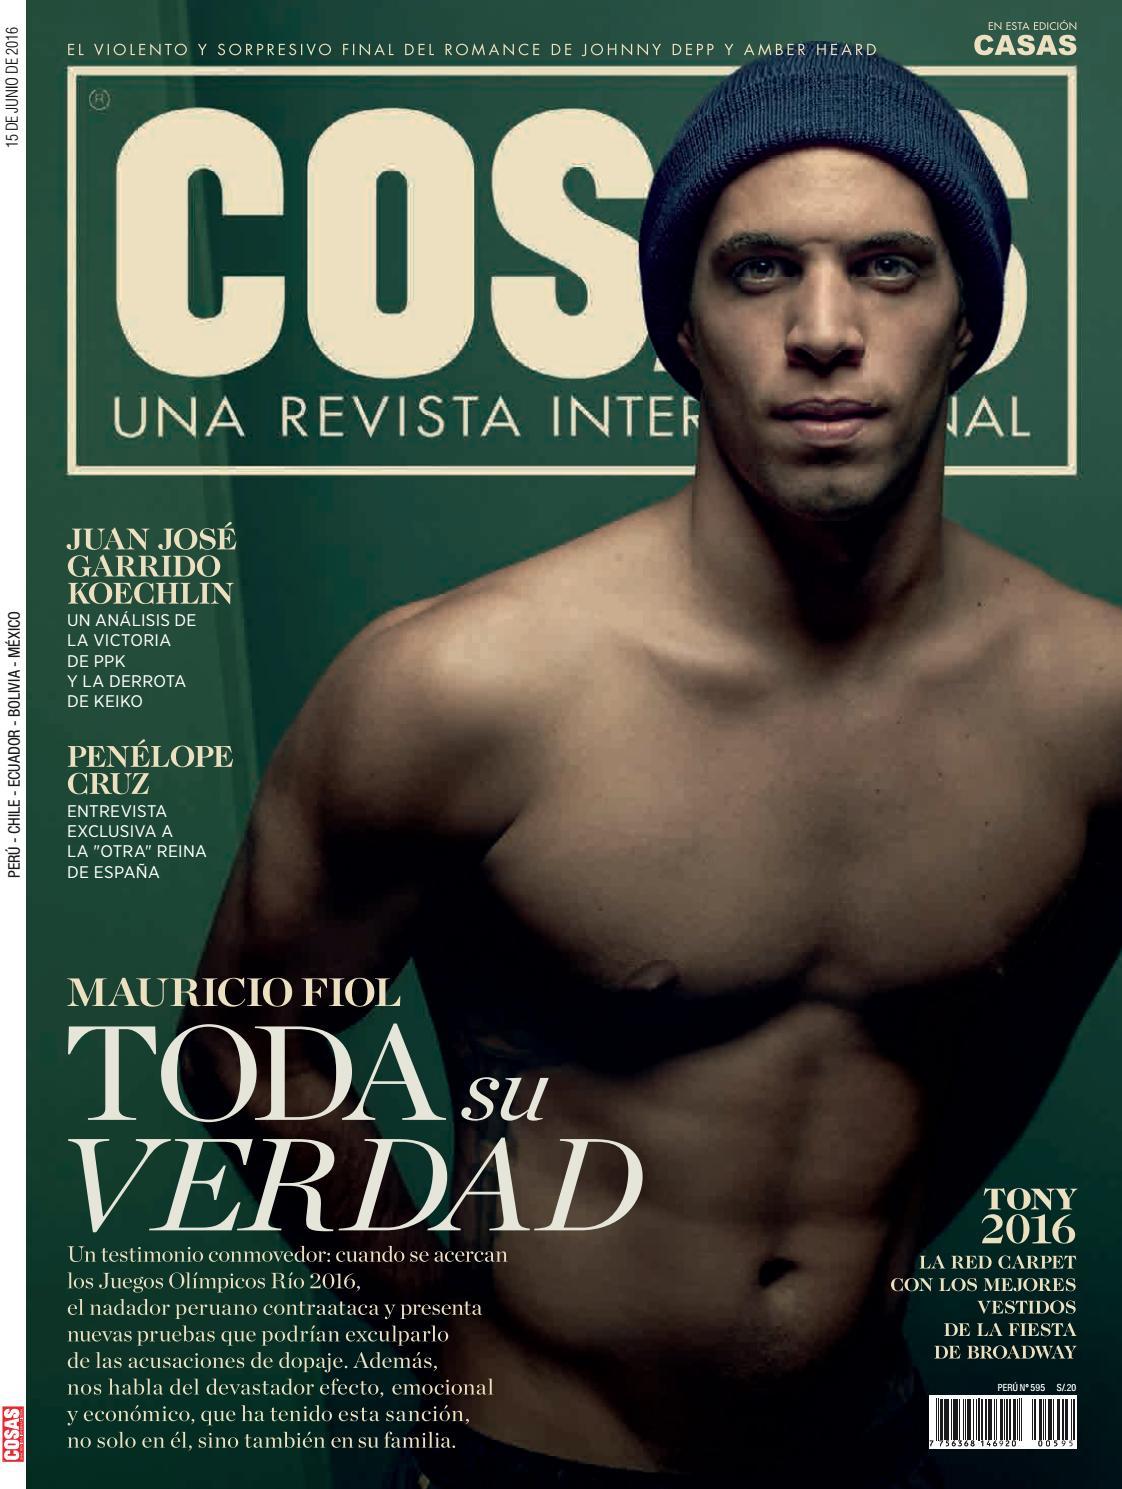 Gaby Potencia Nude revista cosas - edición 596revista cosas perú - issuu